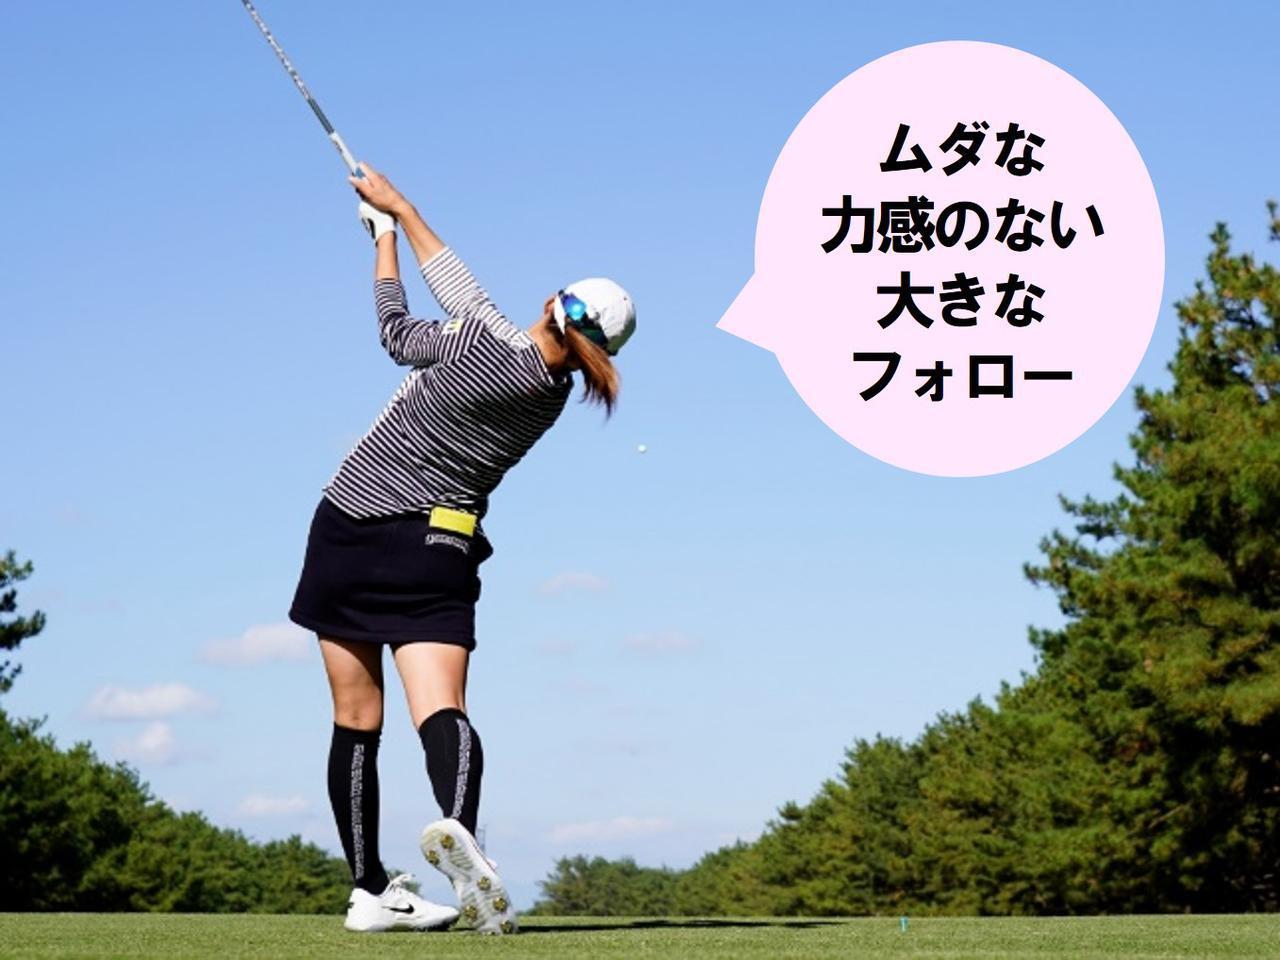 画像11: 【渋野日向子】小さな動きで最大パワーと最速スピード。これぞ令和のアスレチックスウィング!